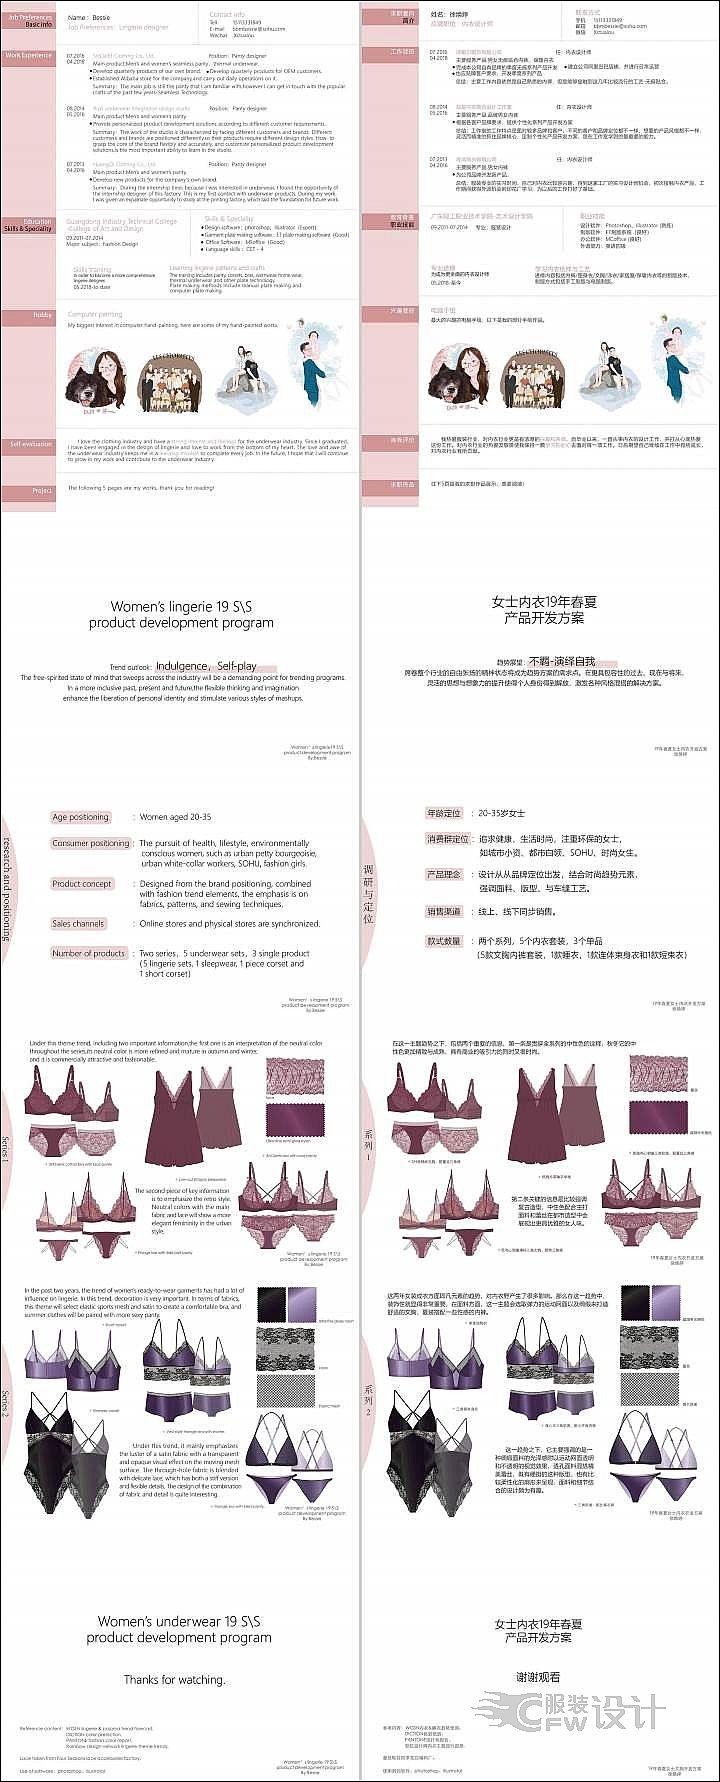 中英文简历-含作品作品-中英文简历-含作品款式图